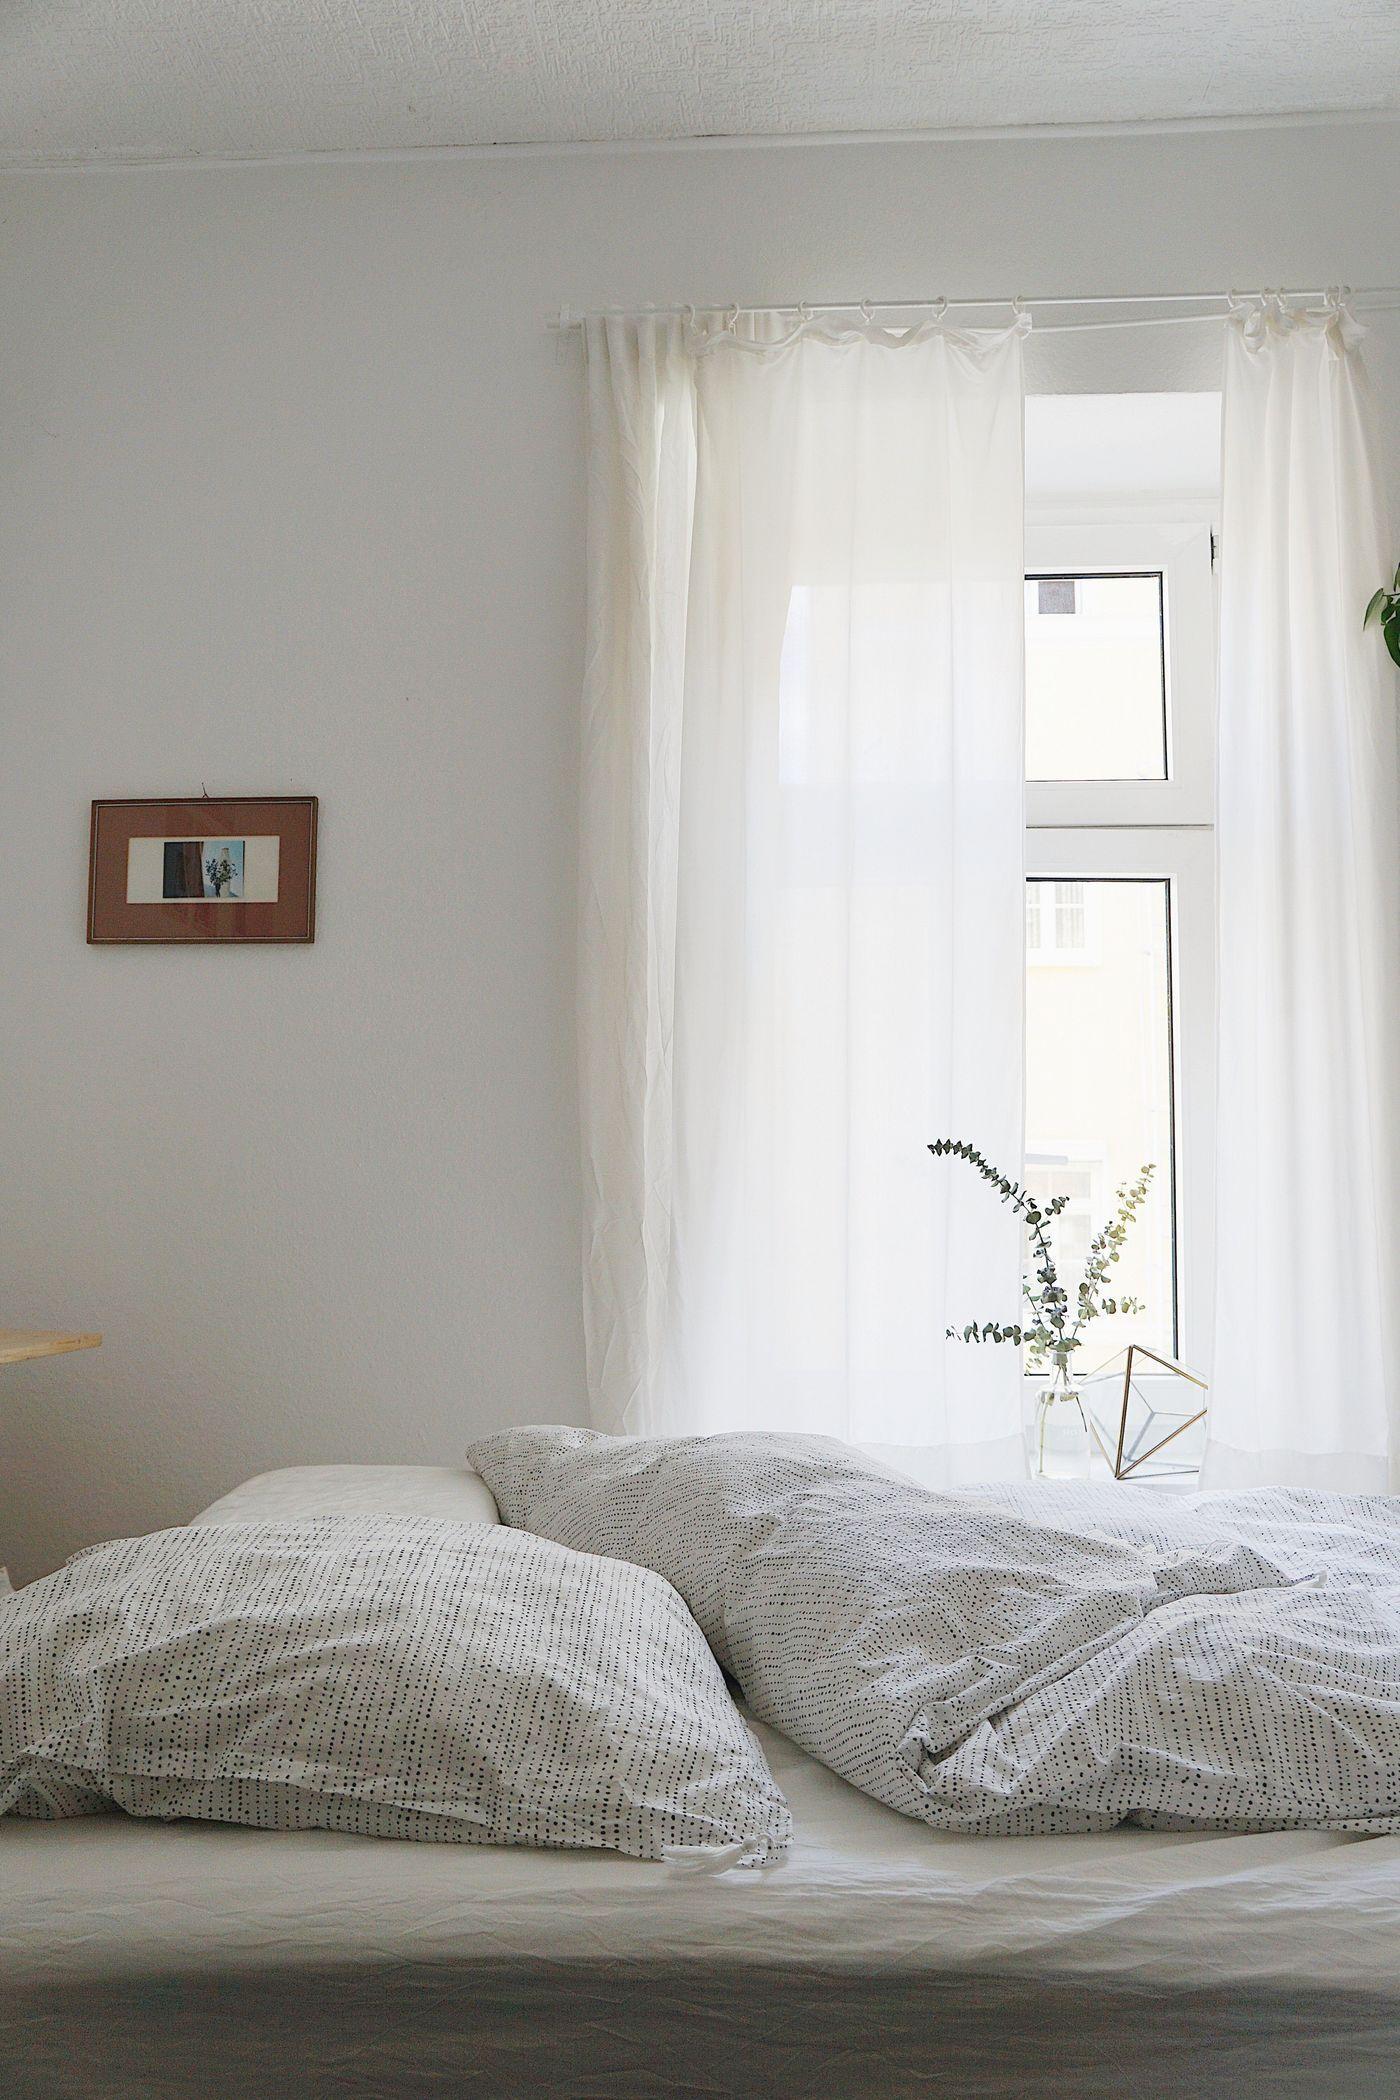 Meine Erfahrung mit der Casper Matratze – eine kleine Schlafzimmer